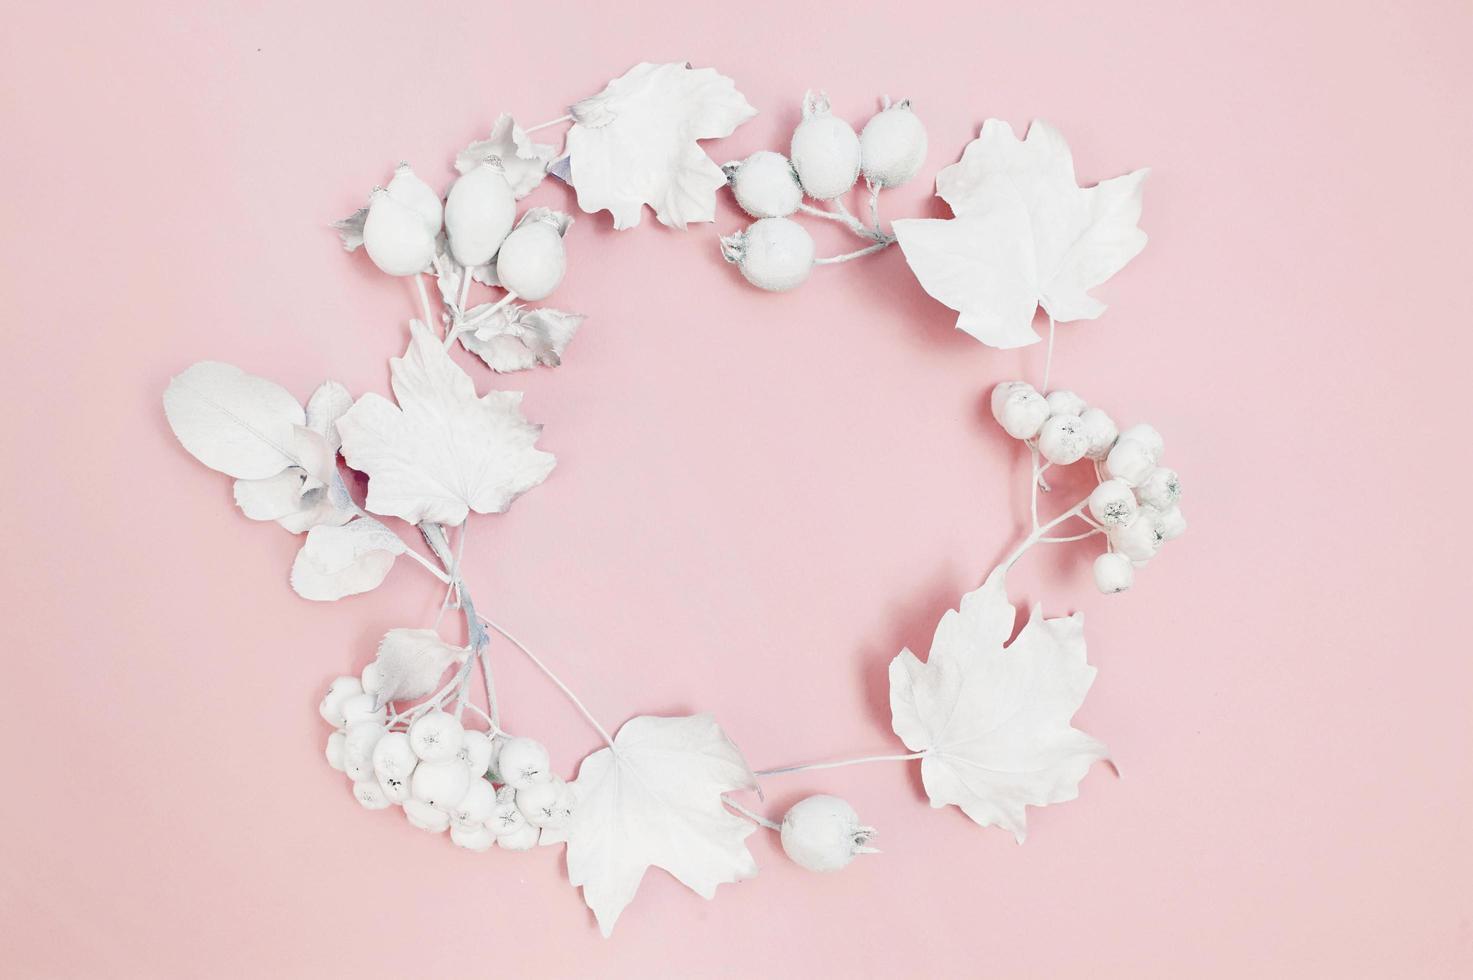 cercle de baies blanches et de feuilles blanches sur fond rose photo